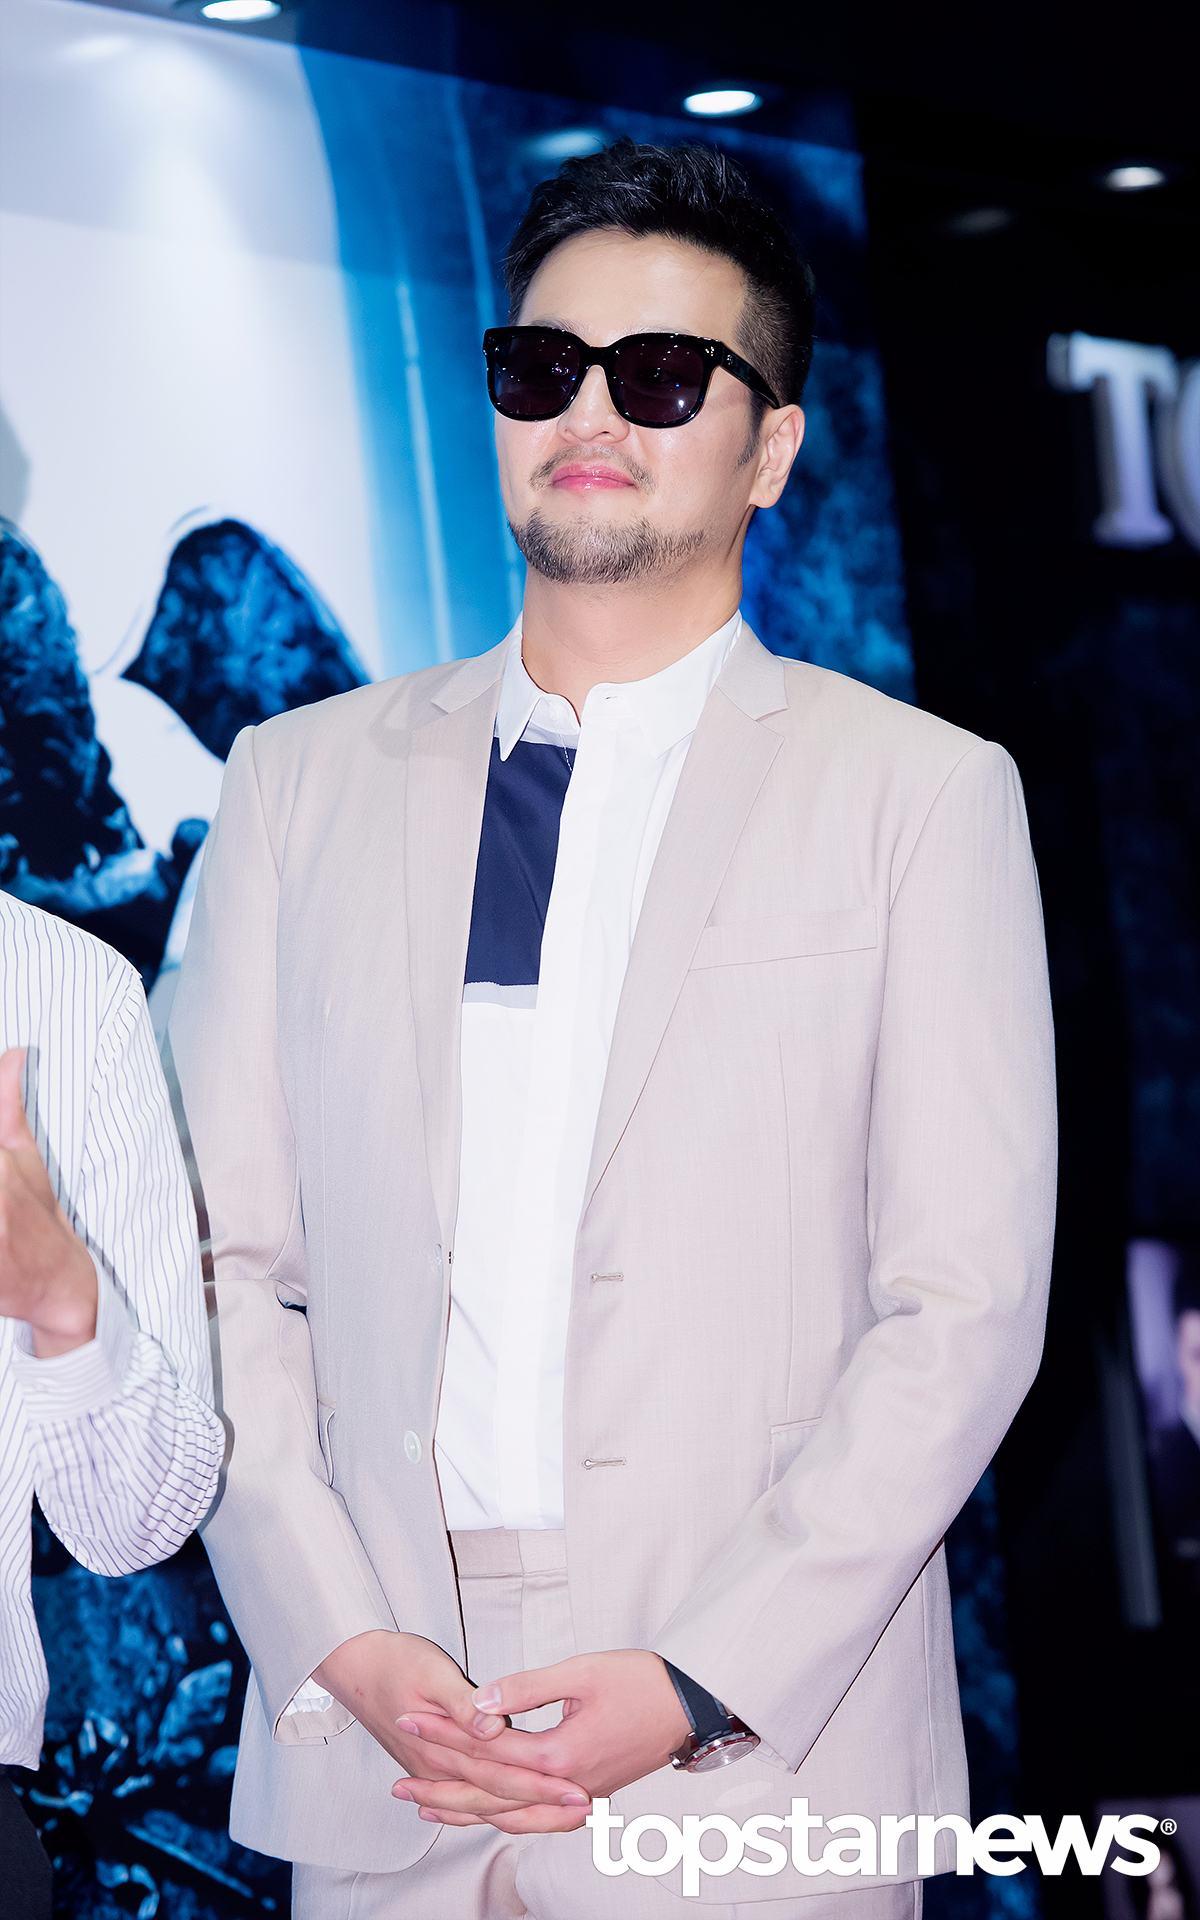 金泰宇 韓國男子流行音樂始祖g.o.d成員金泰宇,在睽違兩年後帶著全新專輯《T-WITH》要回歸歌壇啦!而新專輯預計將在7月3日發行。